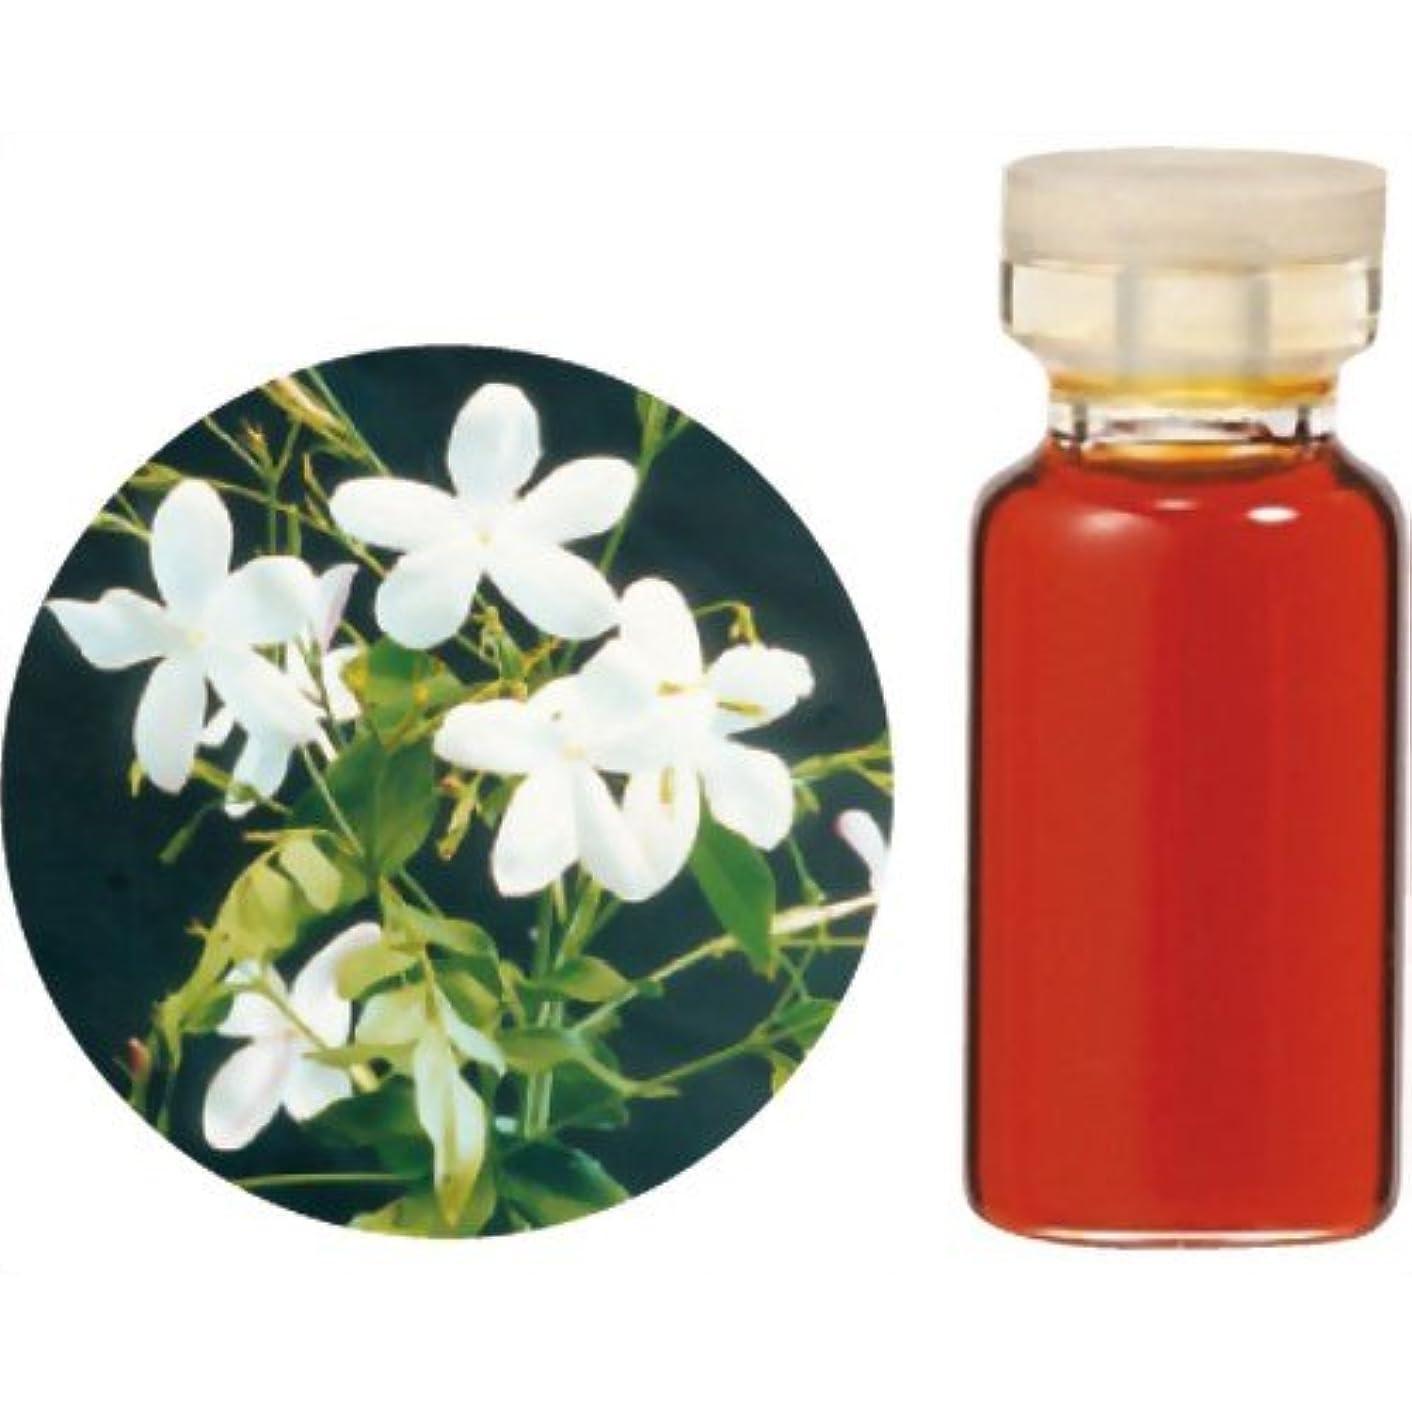 努力する夕暮れ一般的な生活の木 C 花精油 ジャスミン アブソリュート エッセンシャルオイル 3ml